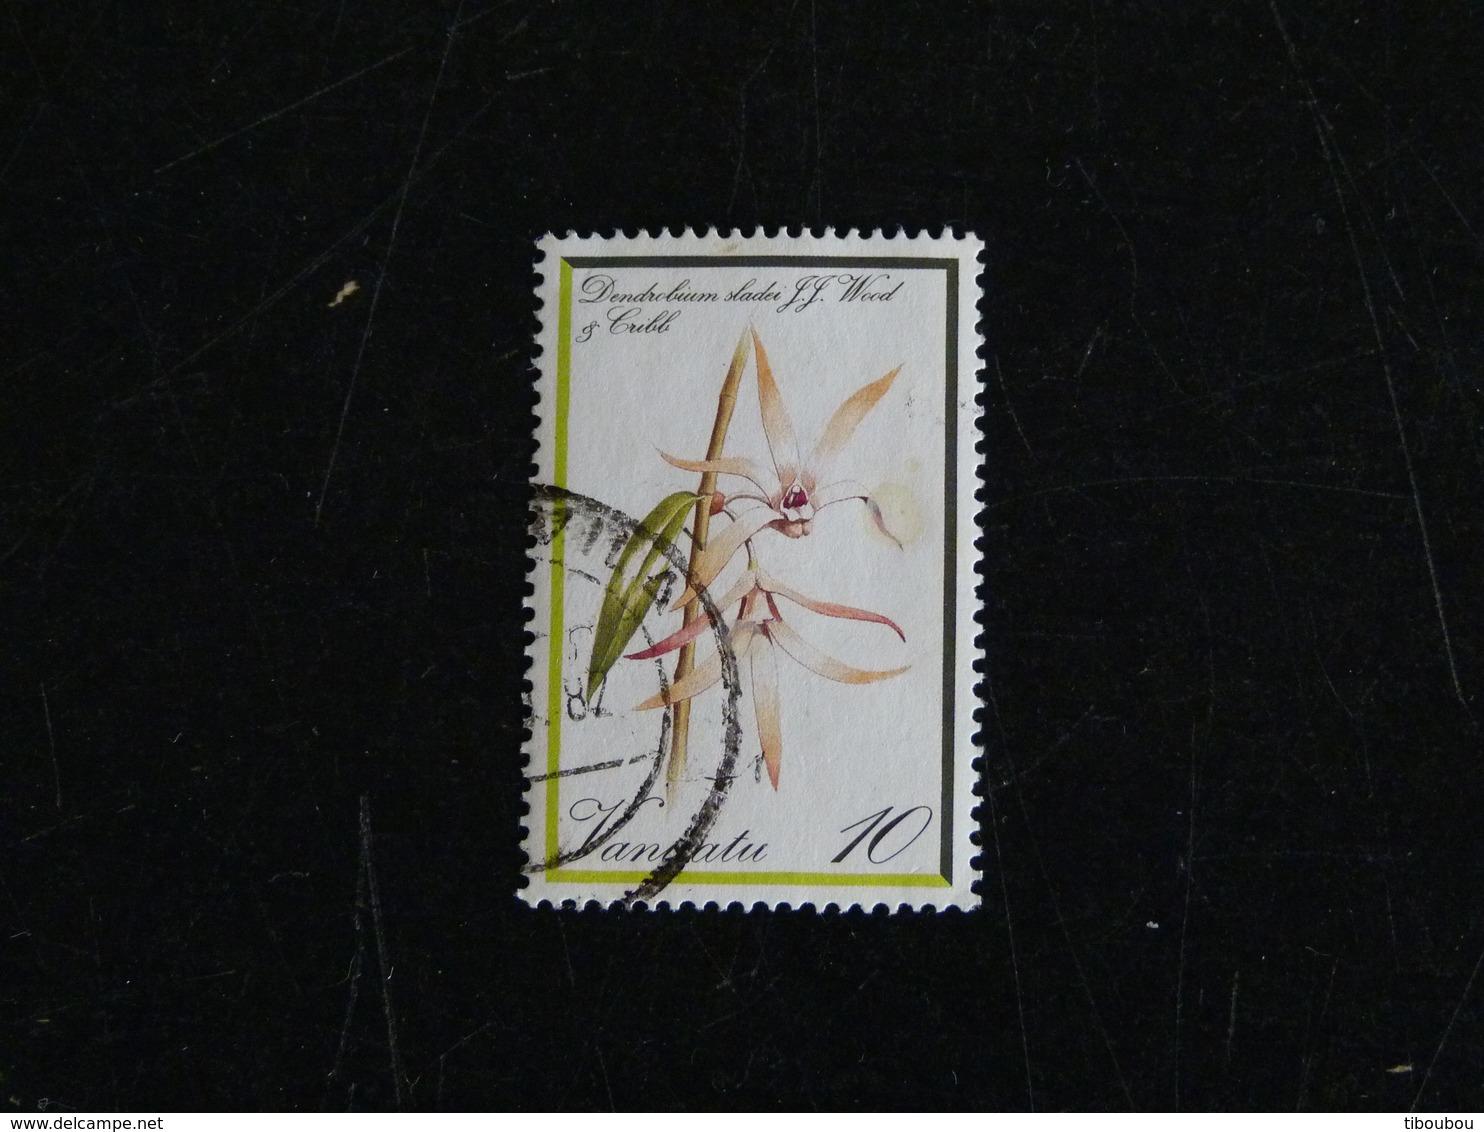 VANUATU YT 645 OBLITERE - ORCHIDEE FLEUR FLORE FLOWER DENDROBIUM - Vanuatu (1980-...)